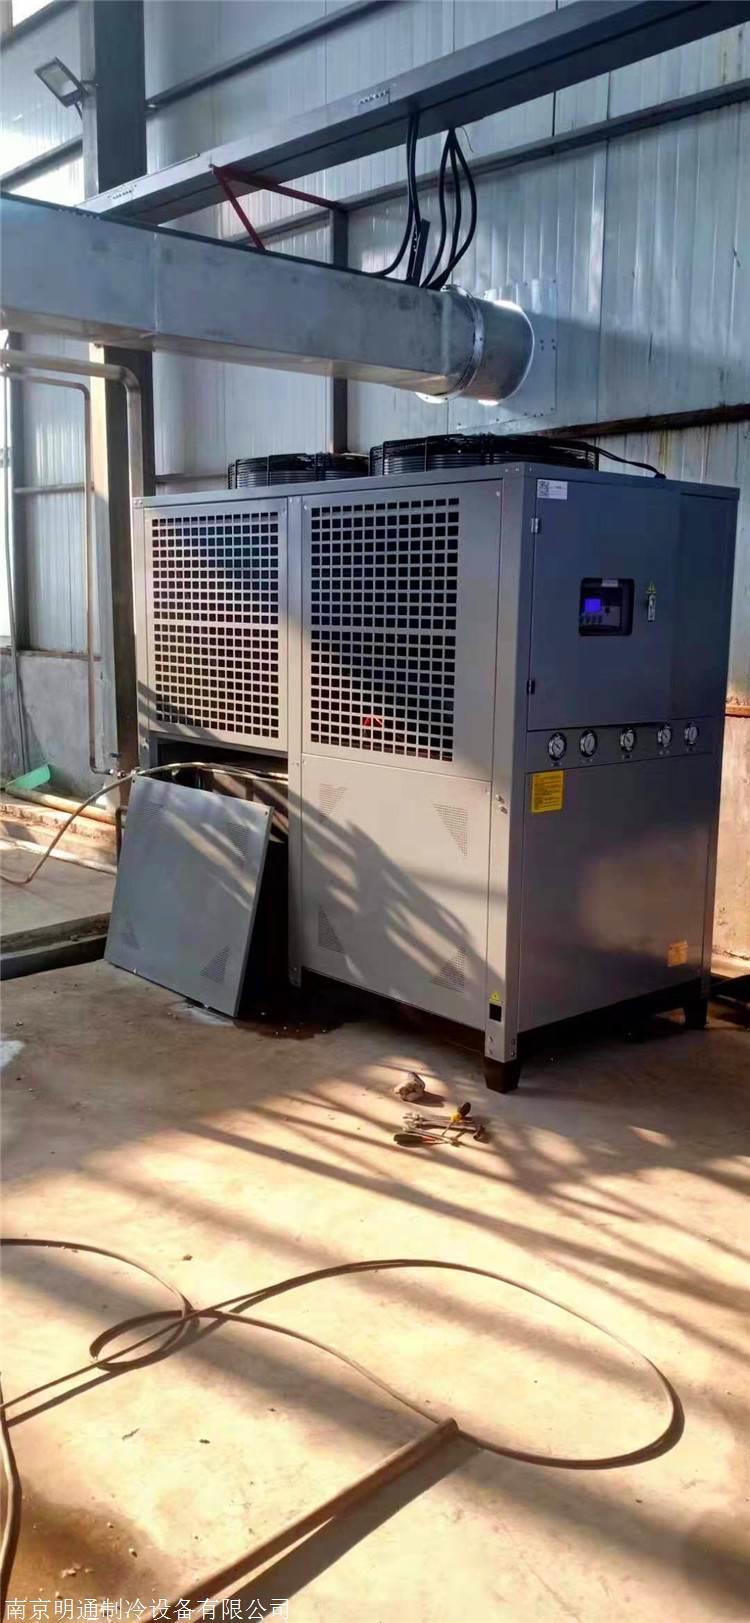 泰州冷水机厂家 泰州工业冷水机 泰州冷水机价格